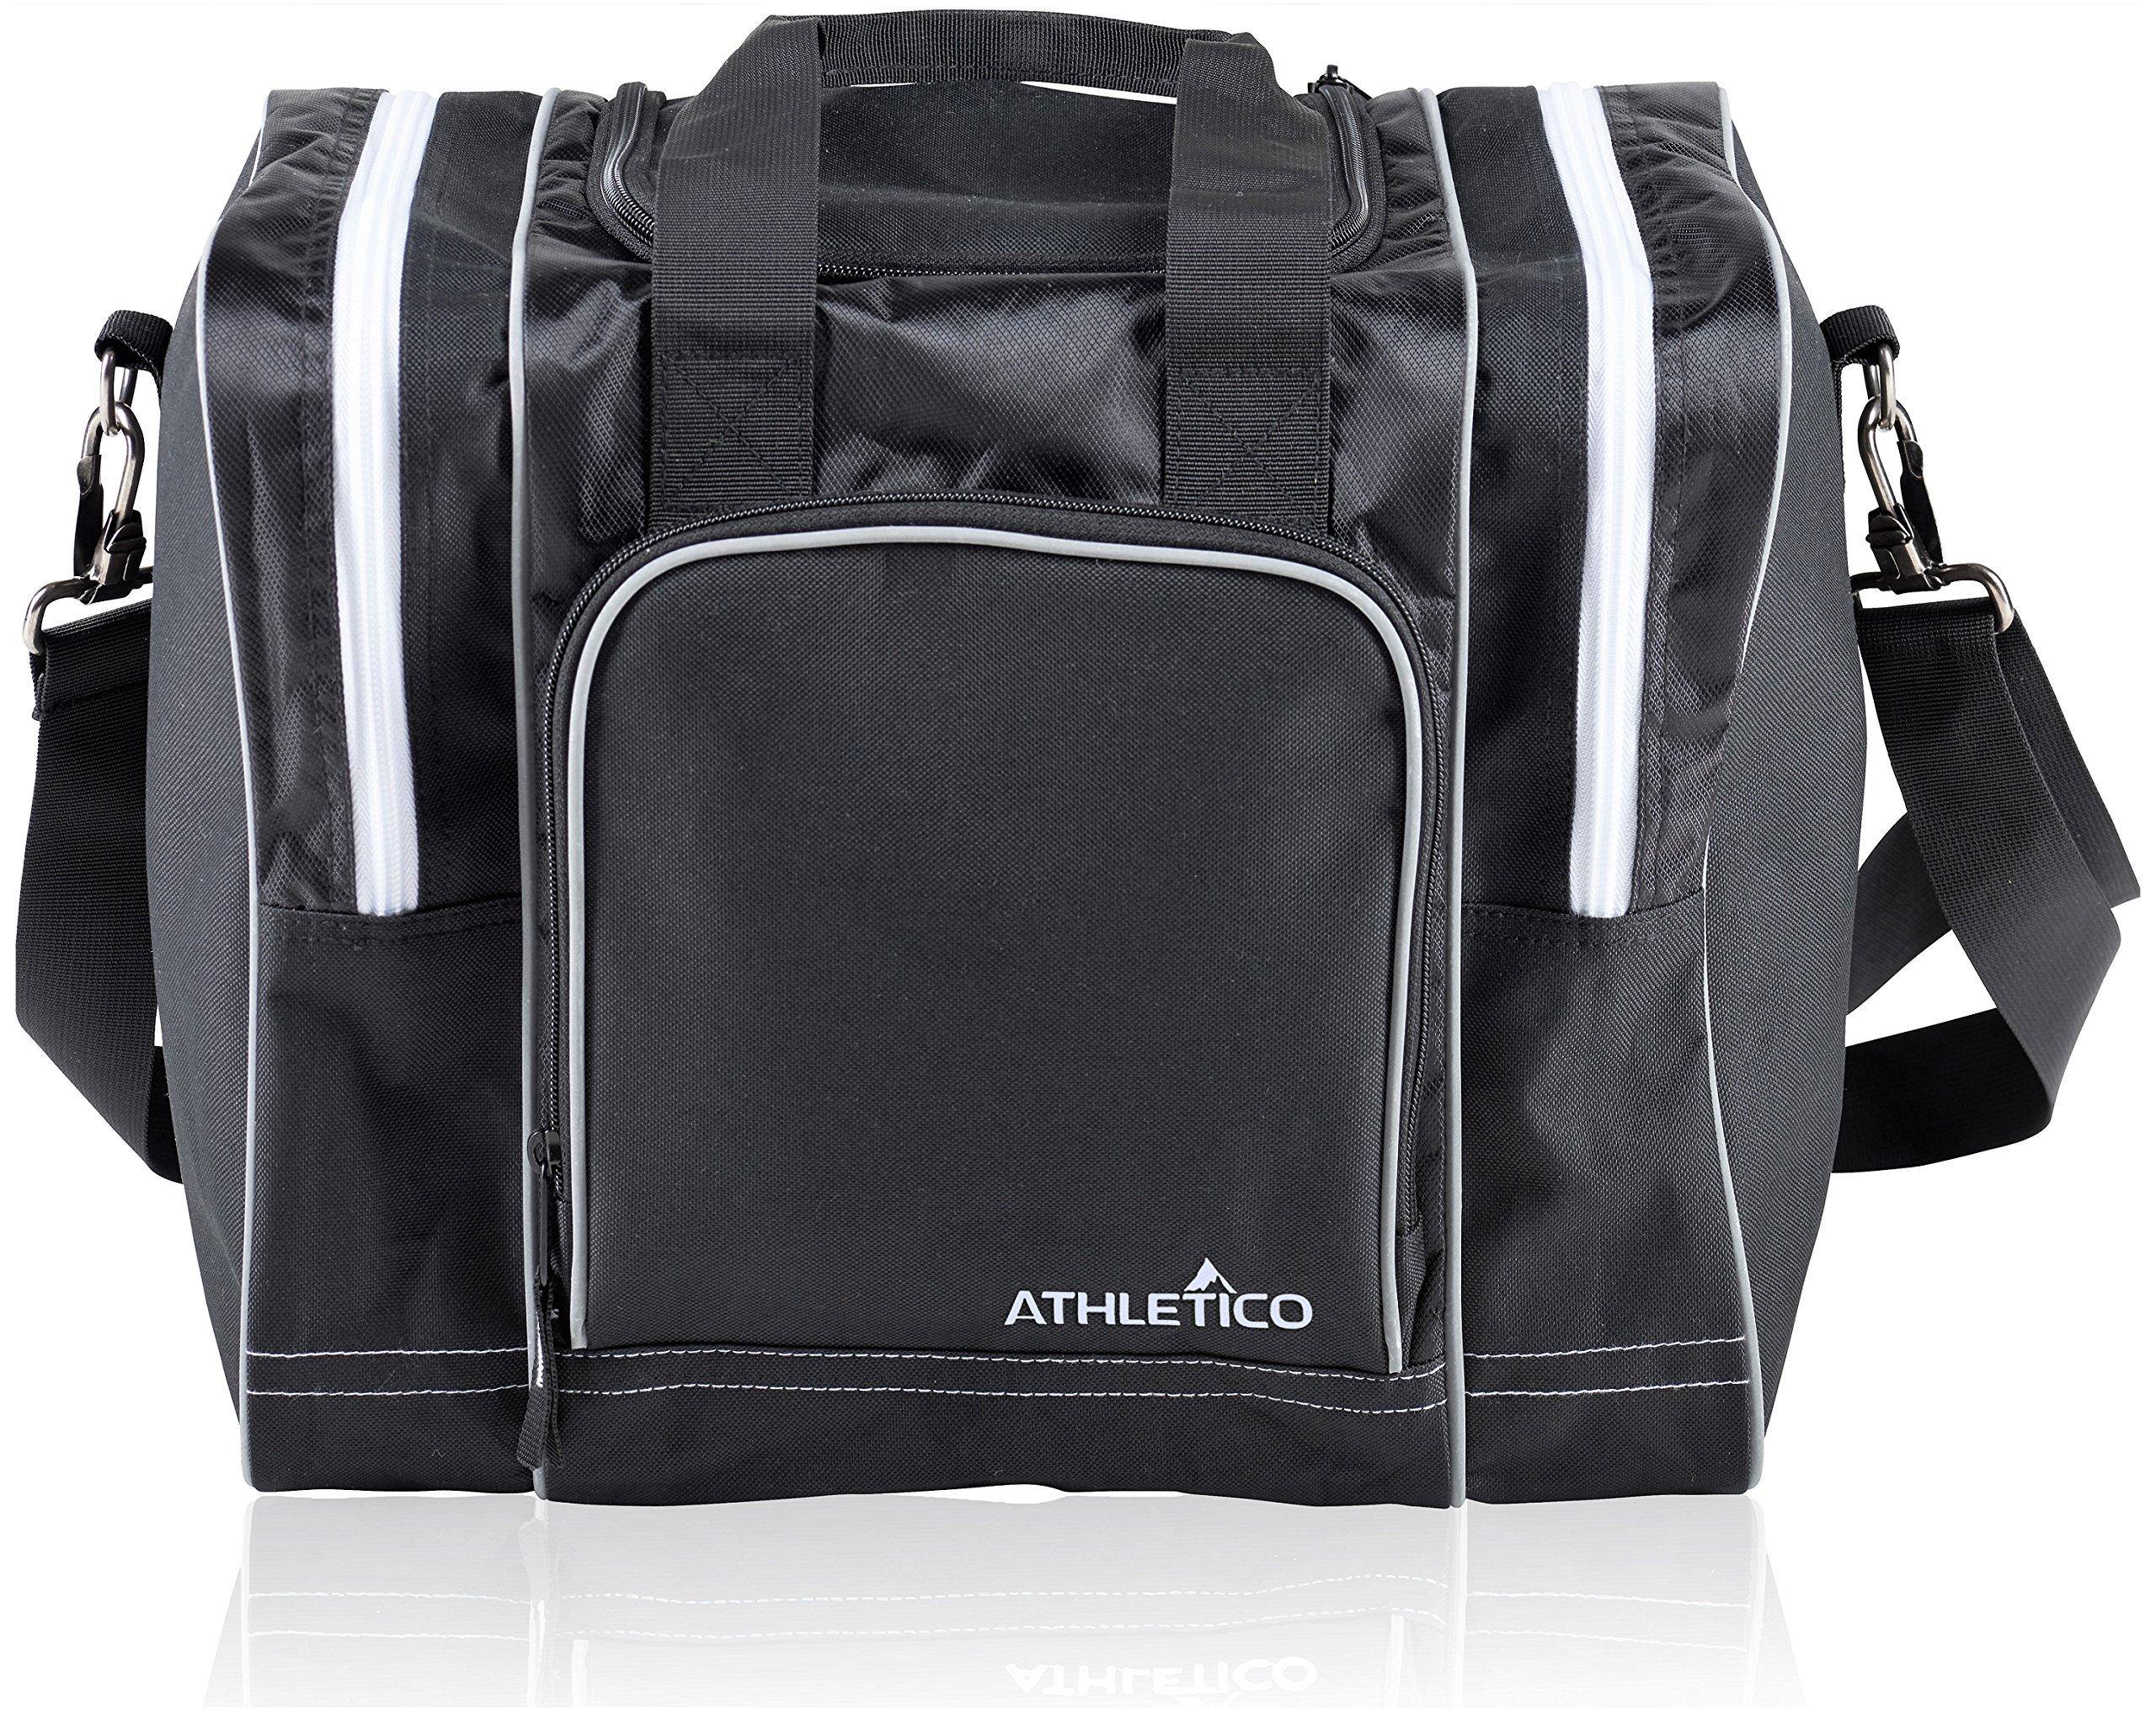 Athletico Bowling Bag Single Ball